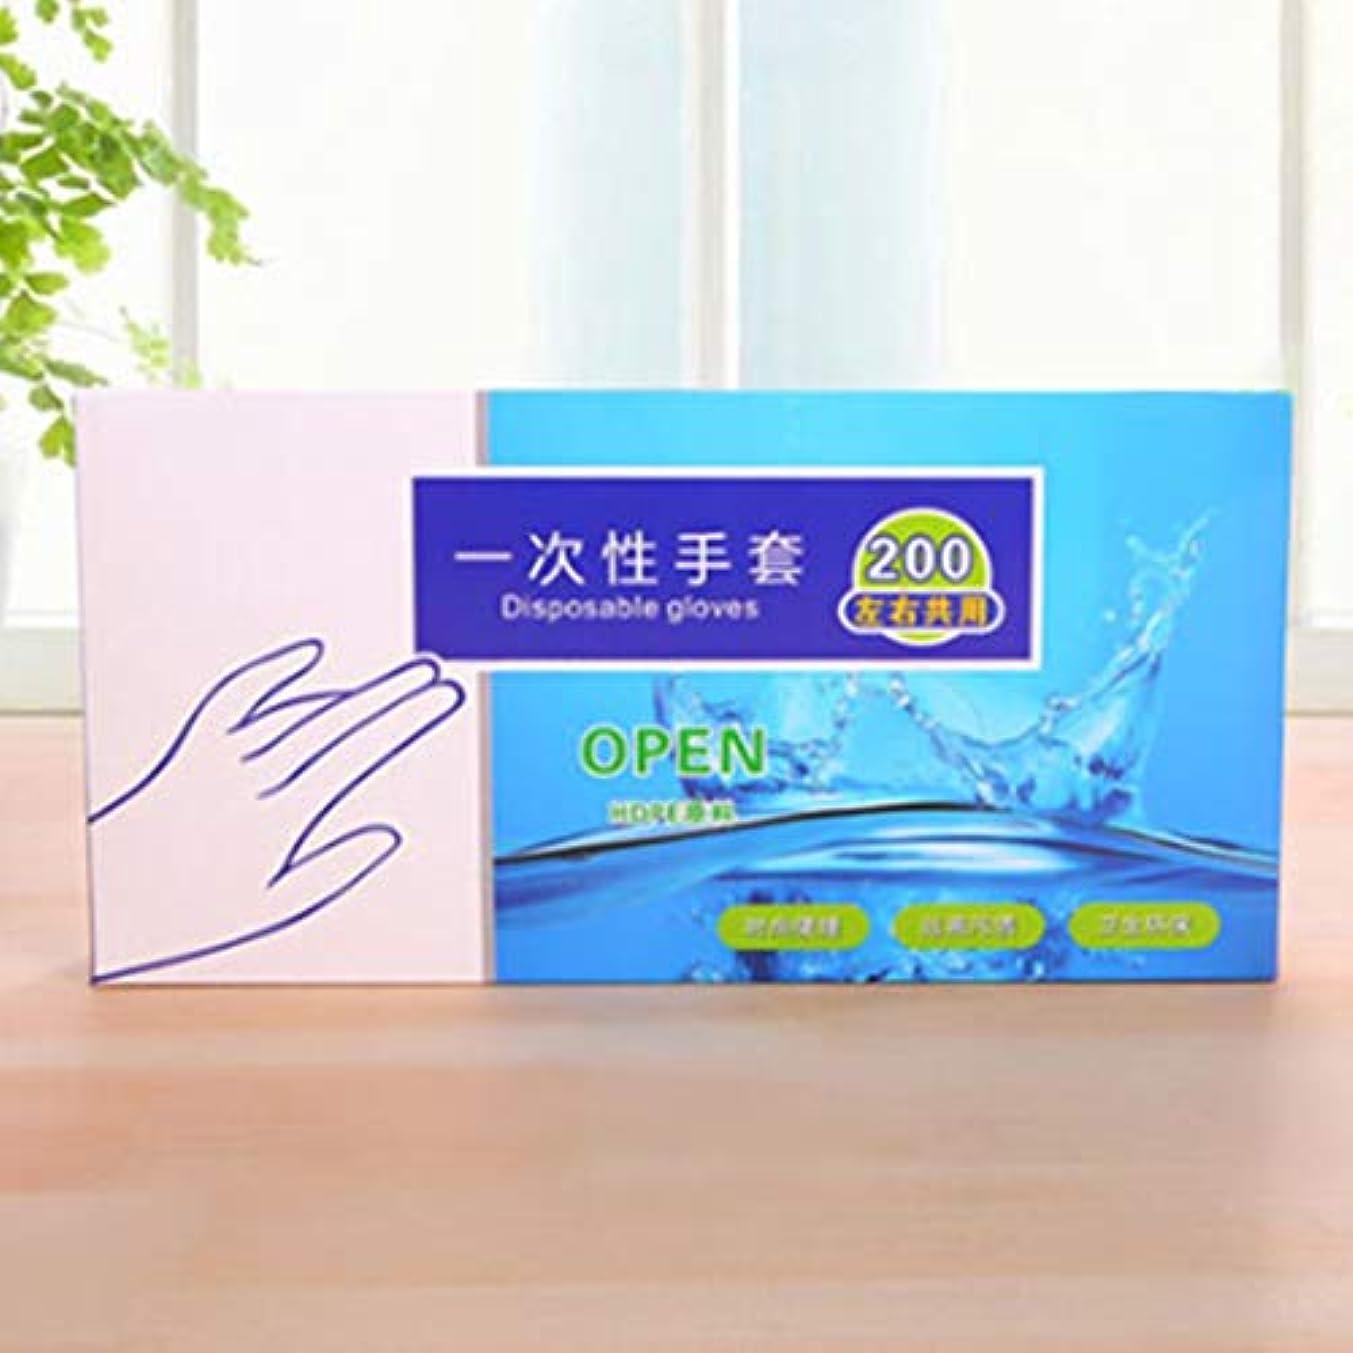 センサーセンター気分が悪いSODAOA屋 使い捨て手袋 透明 実用 衛生 プラスチック 調理 お掃除 毛染め 100枚/200枚 (200)